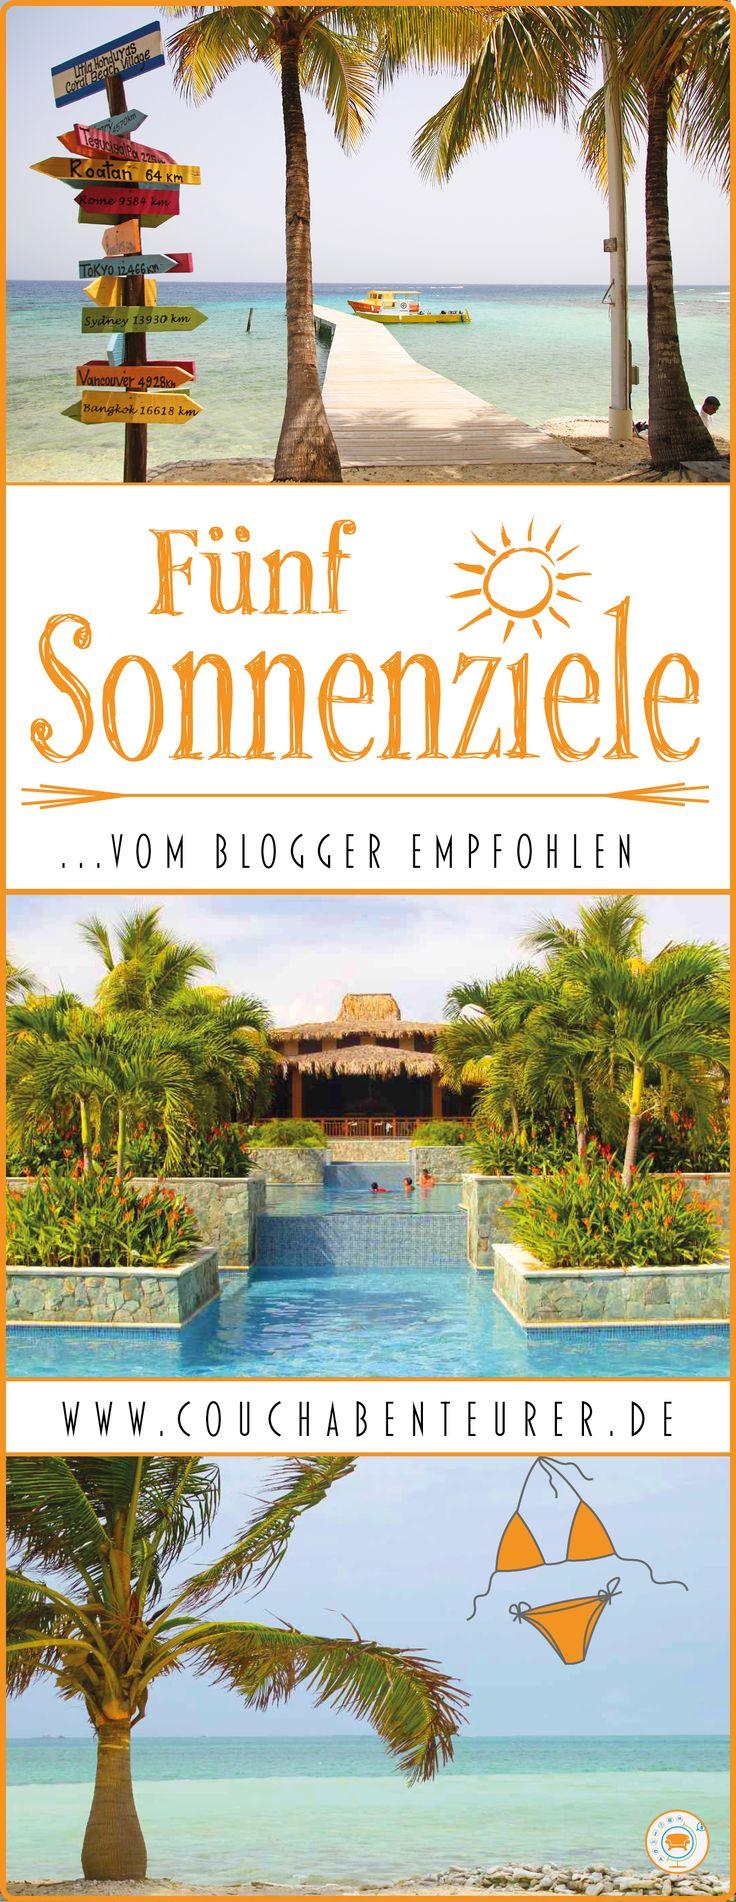 Sonnenziele – Wer sehnt sich nicht nach ihnen, wenn in Deutschland das schöne Wetter auf sich warten läßt? Wer hat nicht Lust auf Traumstrände statt Schwimmbad und Meerbrise statt Durchzug in der Wohnung?